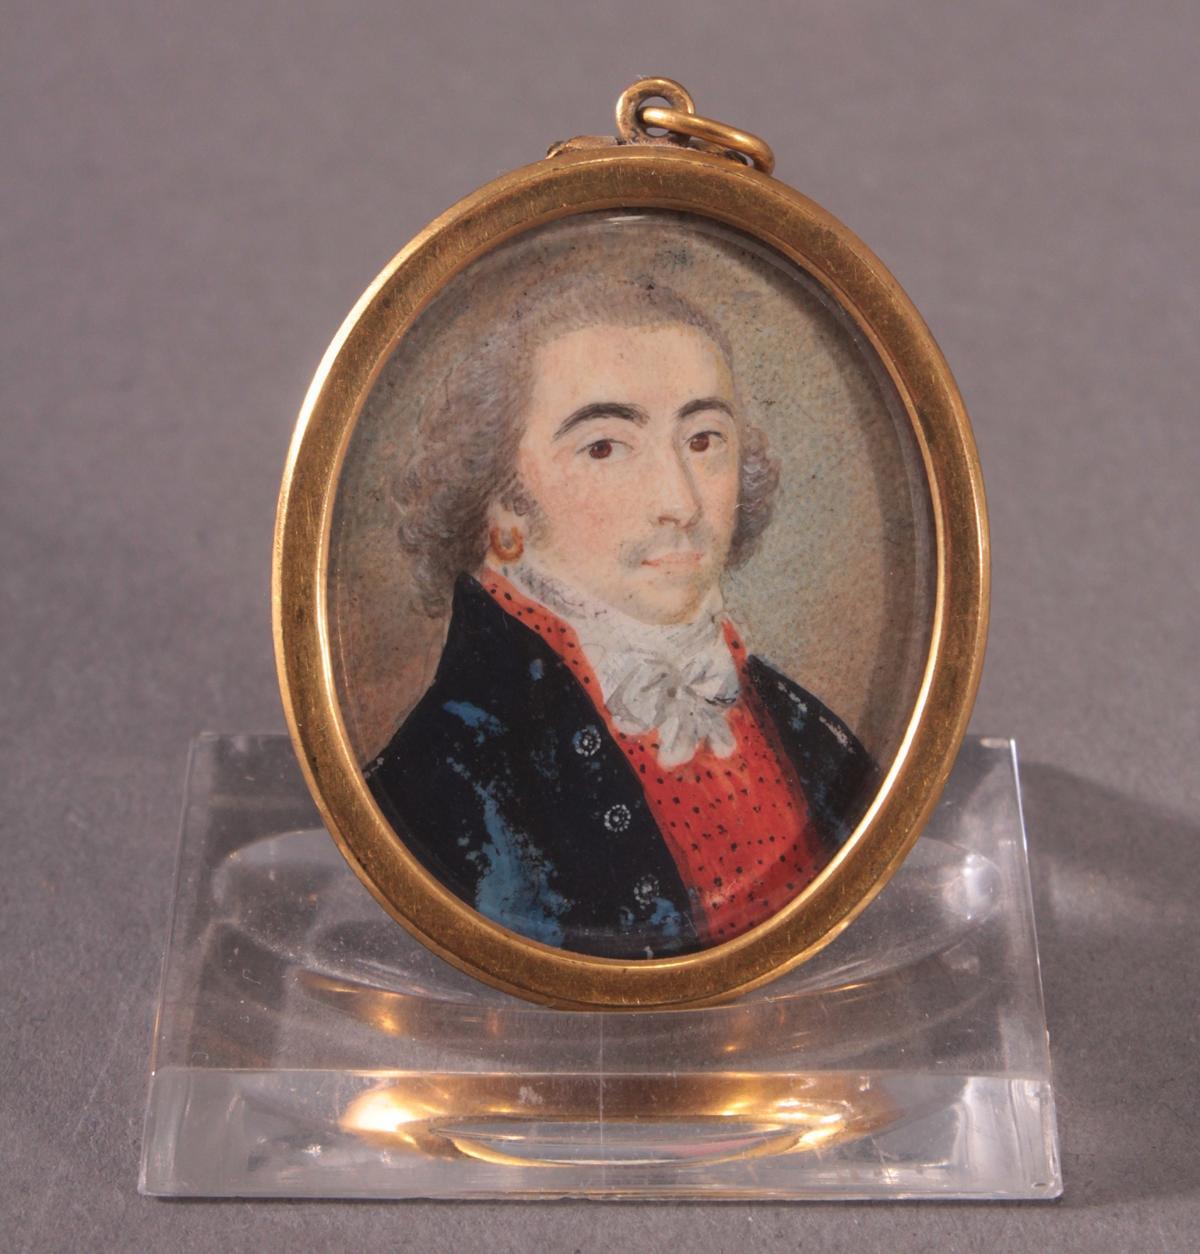 Miniaturportrait des 19. Jahrhunderts